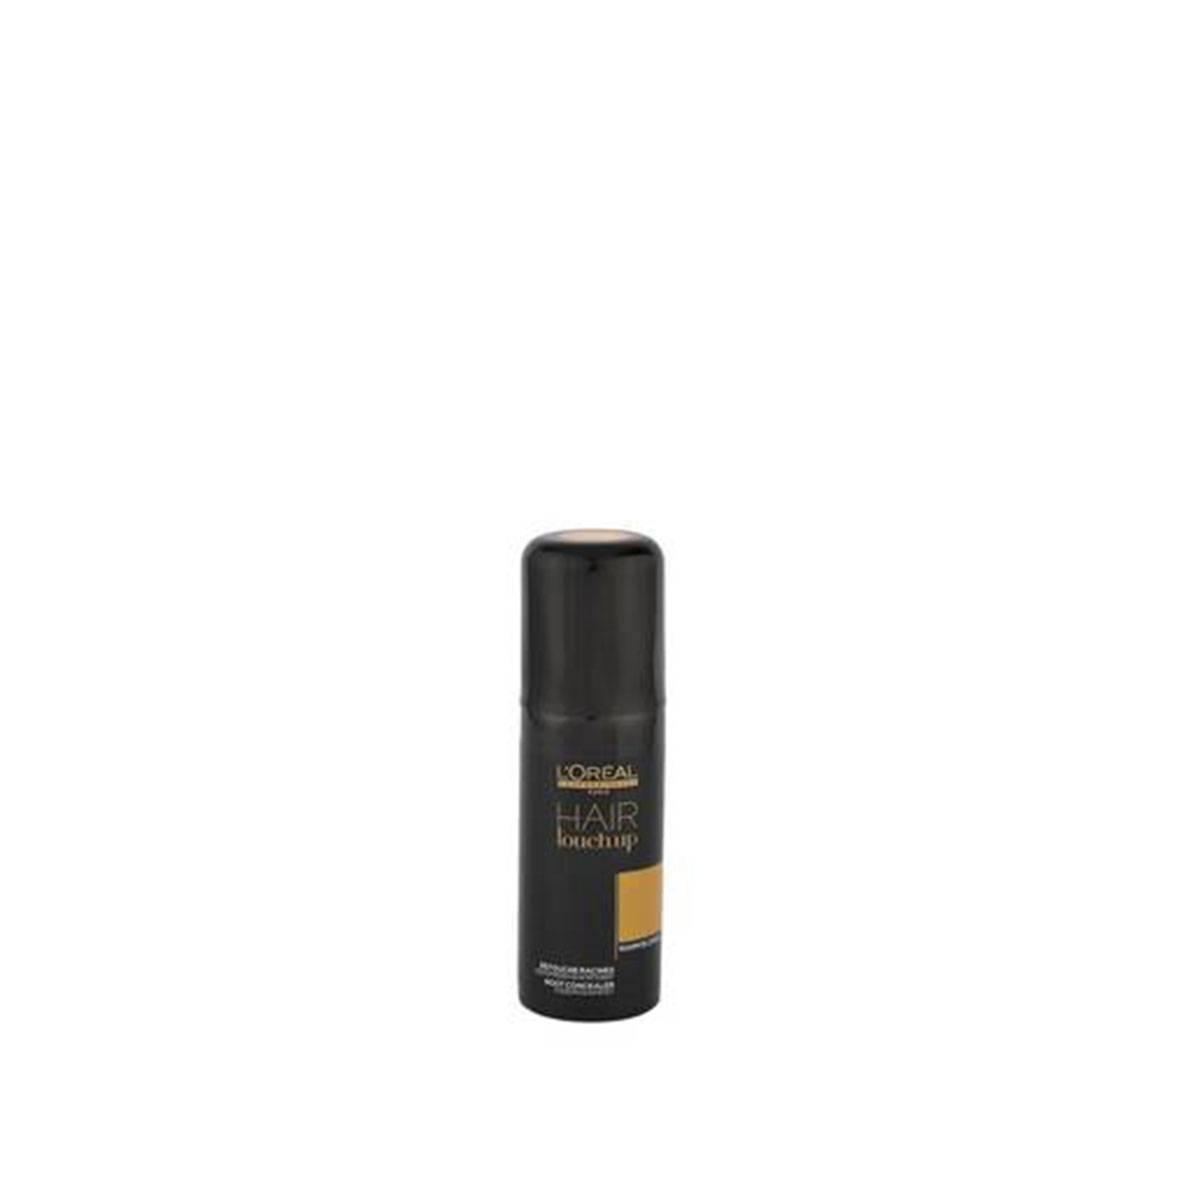 Hair Touch Up Warm Blonde 75ml Spray